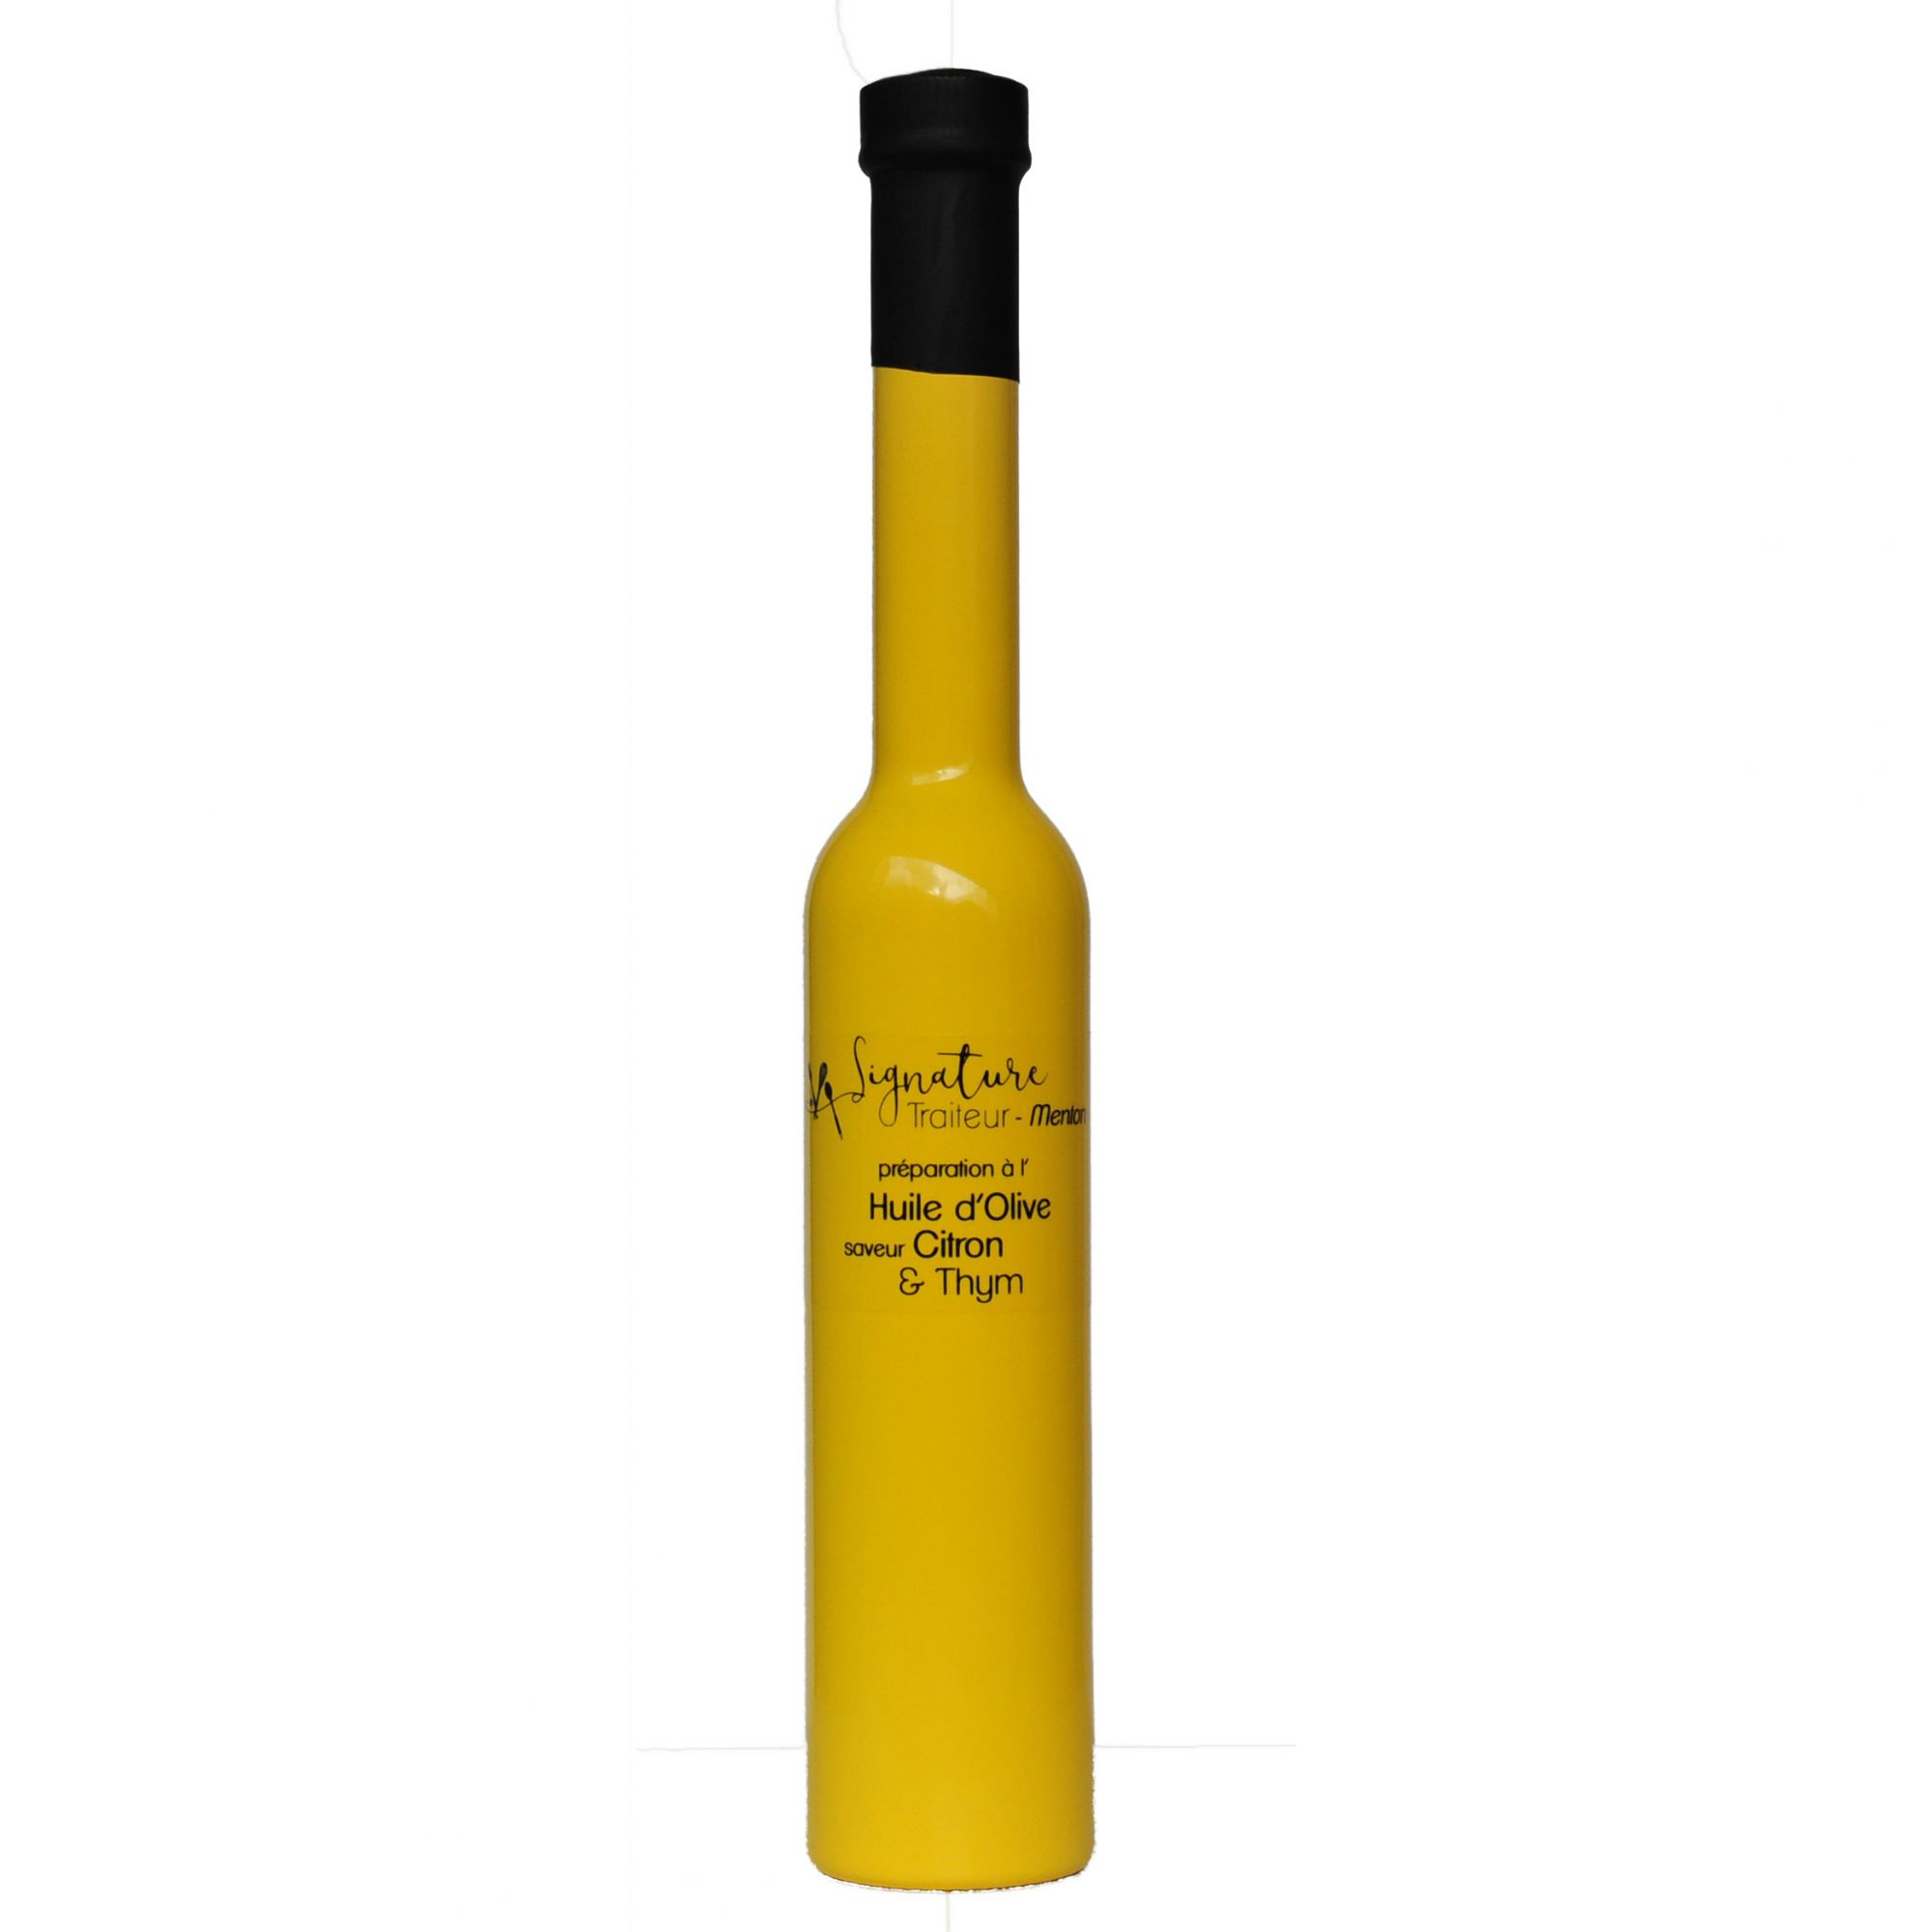 Huile d'Olive saveur Citron et Thym